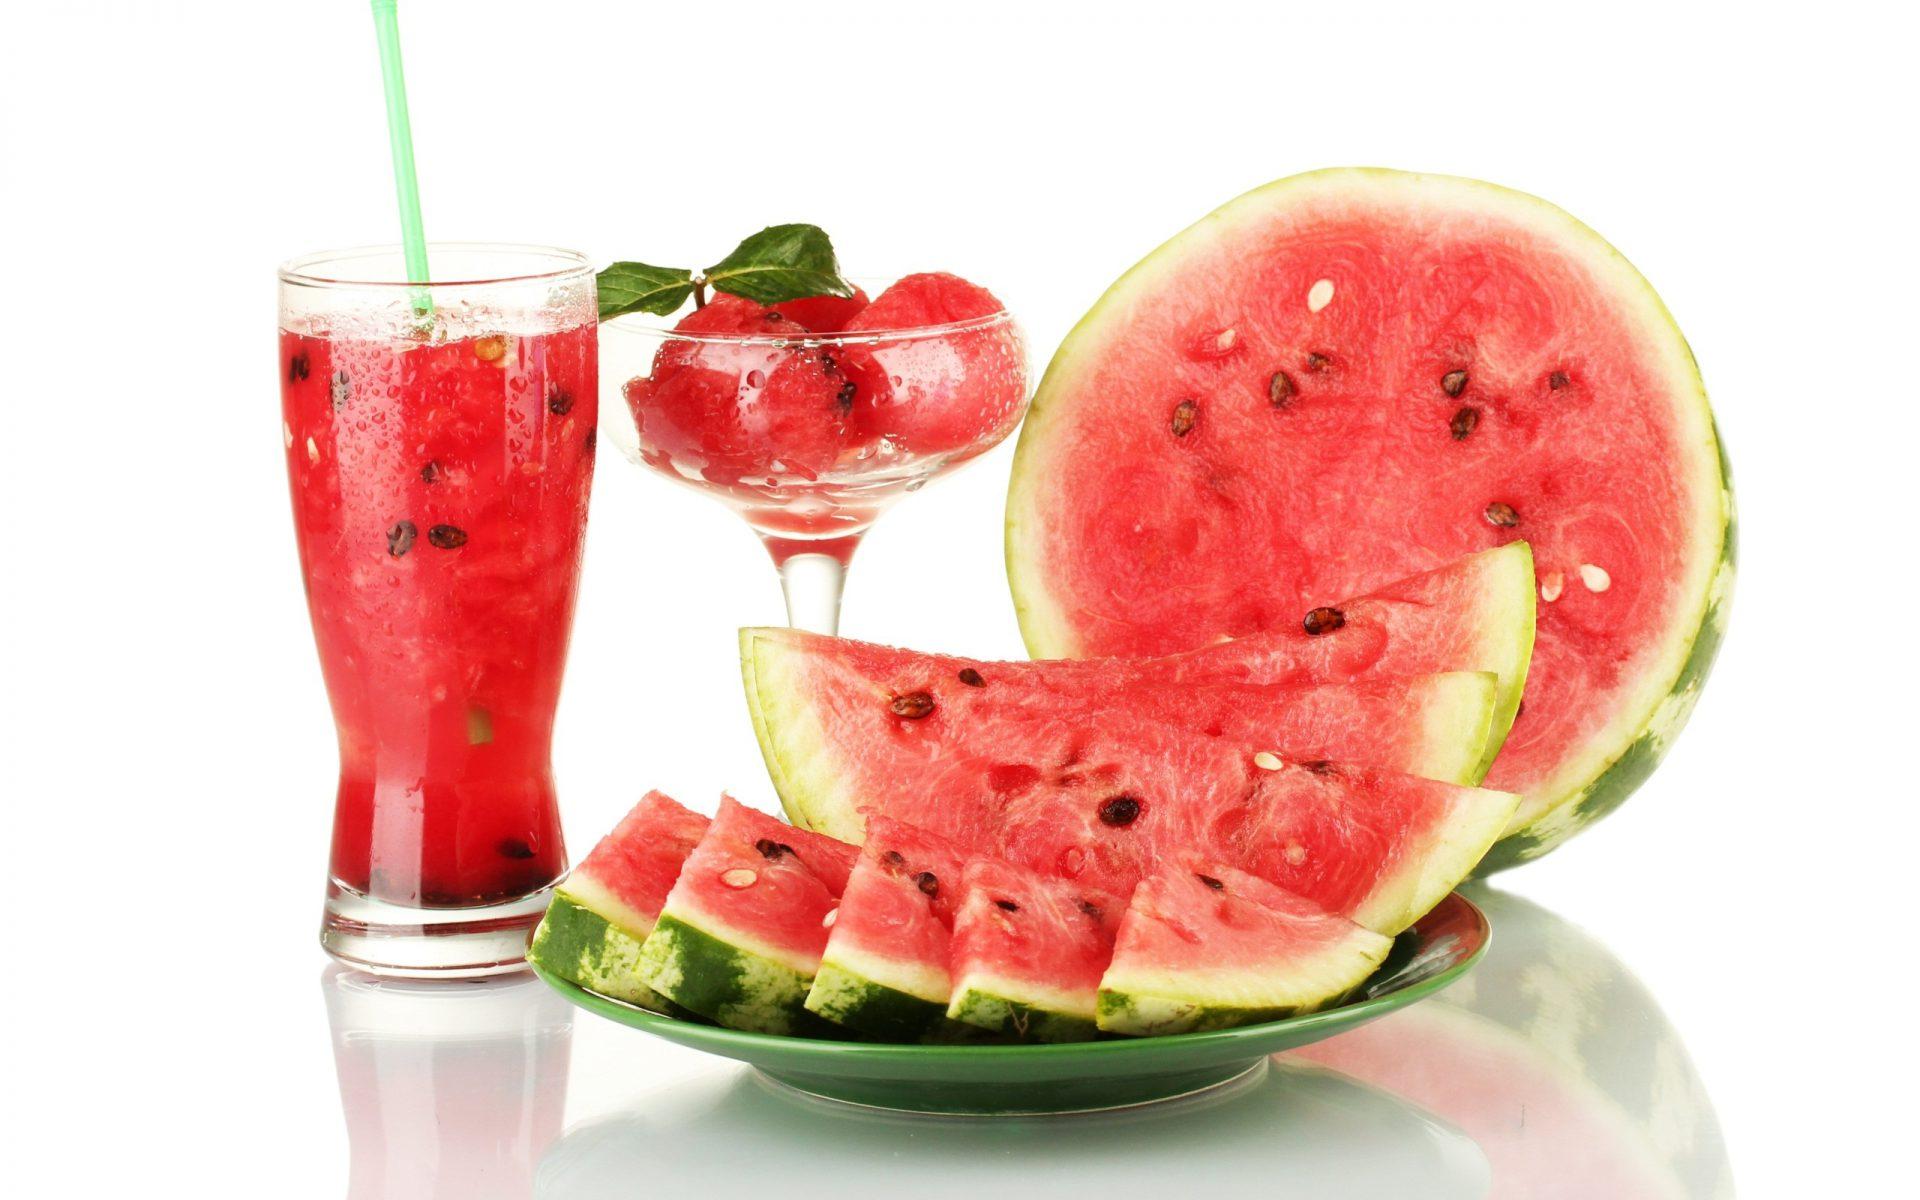 فواید سلامتی مصرف هندوانه و تاثیر آن بر بیماری ها